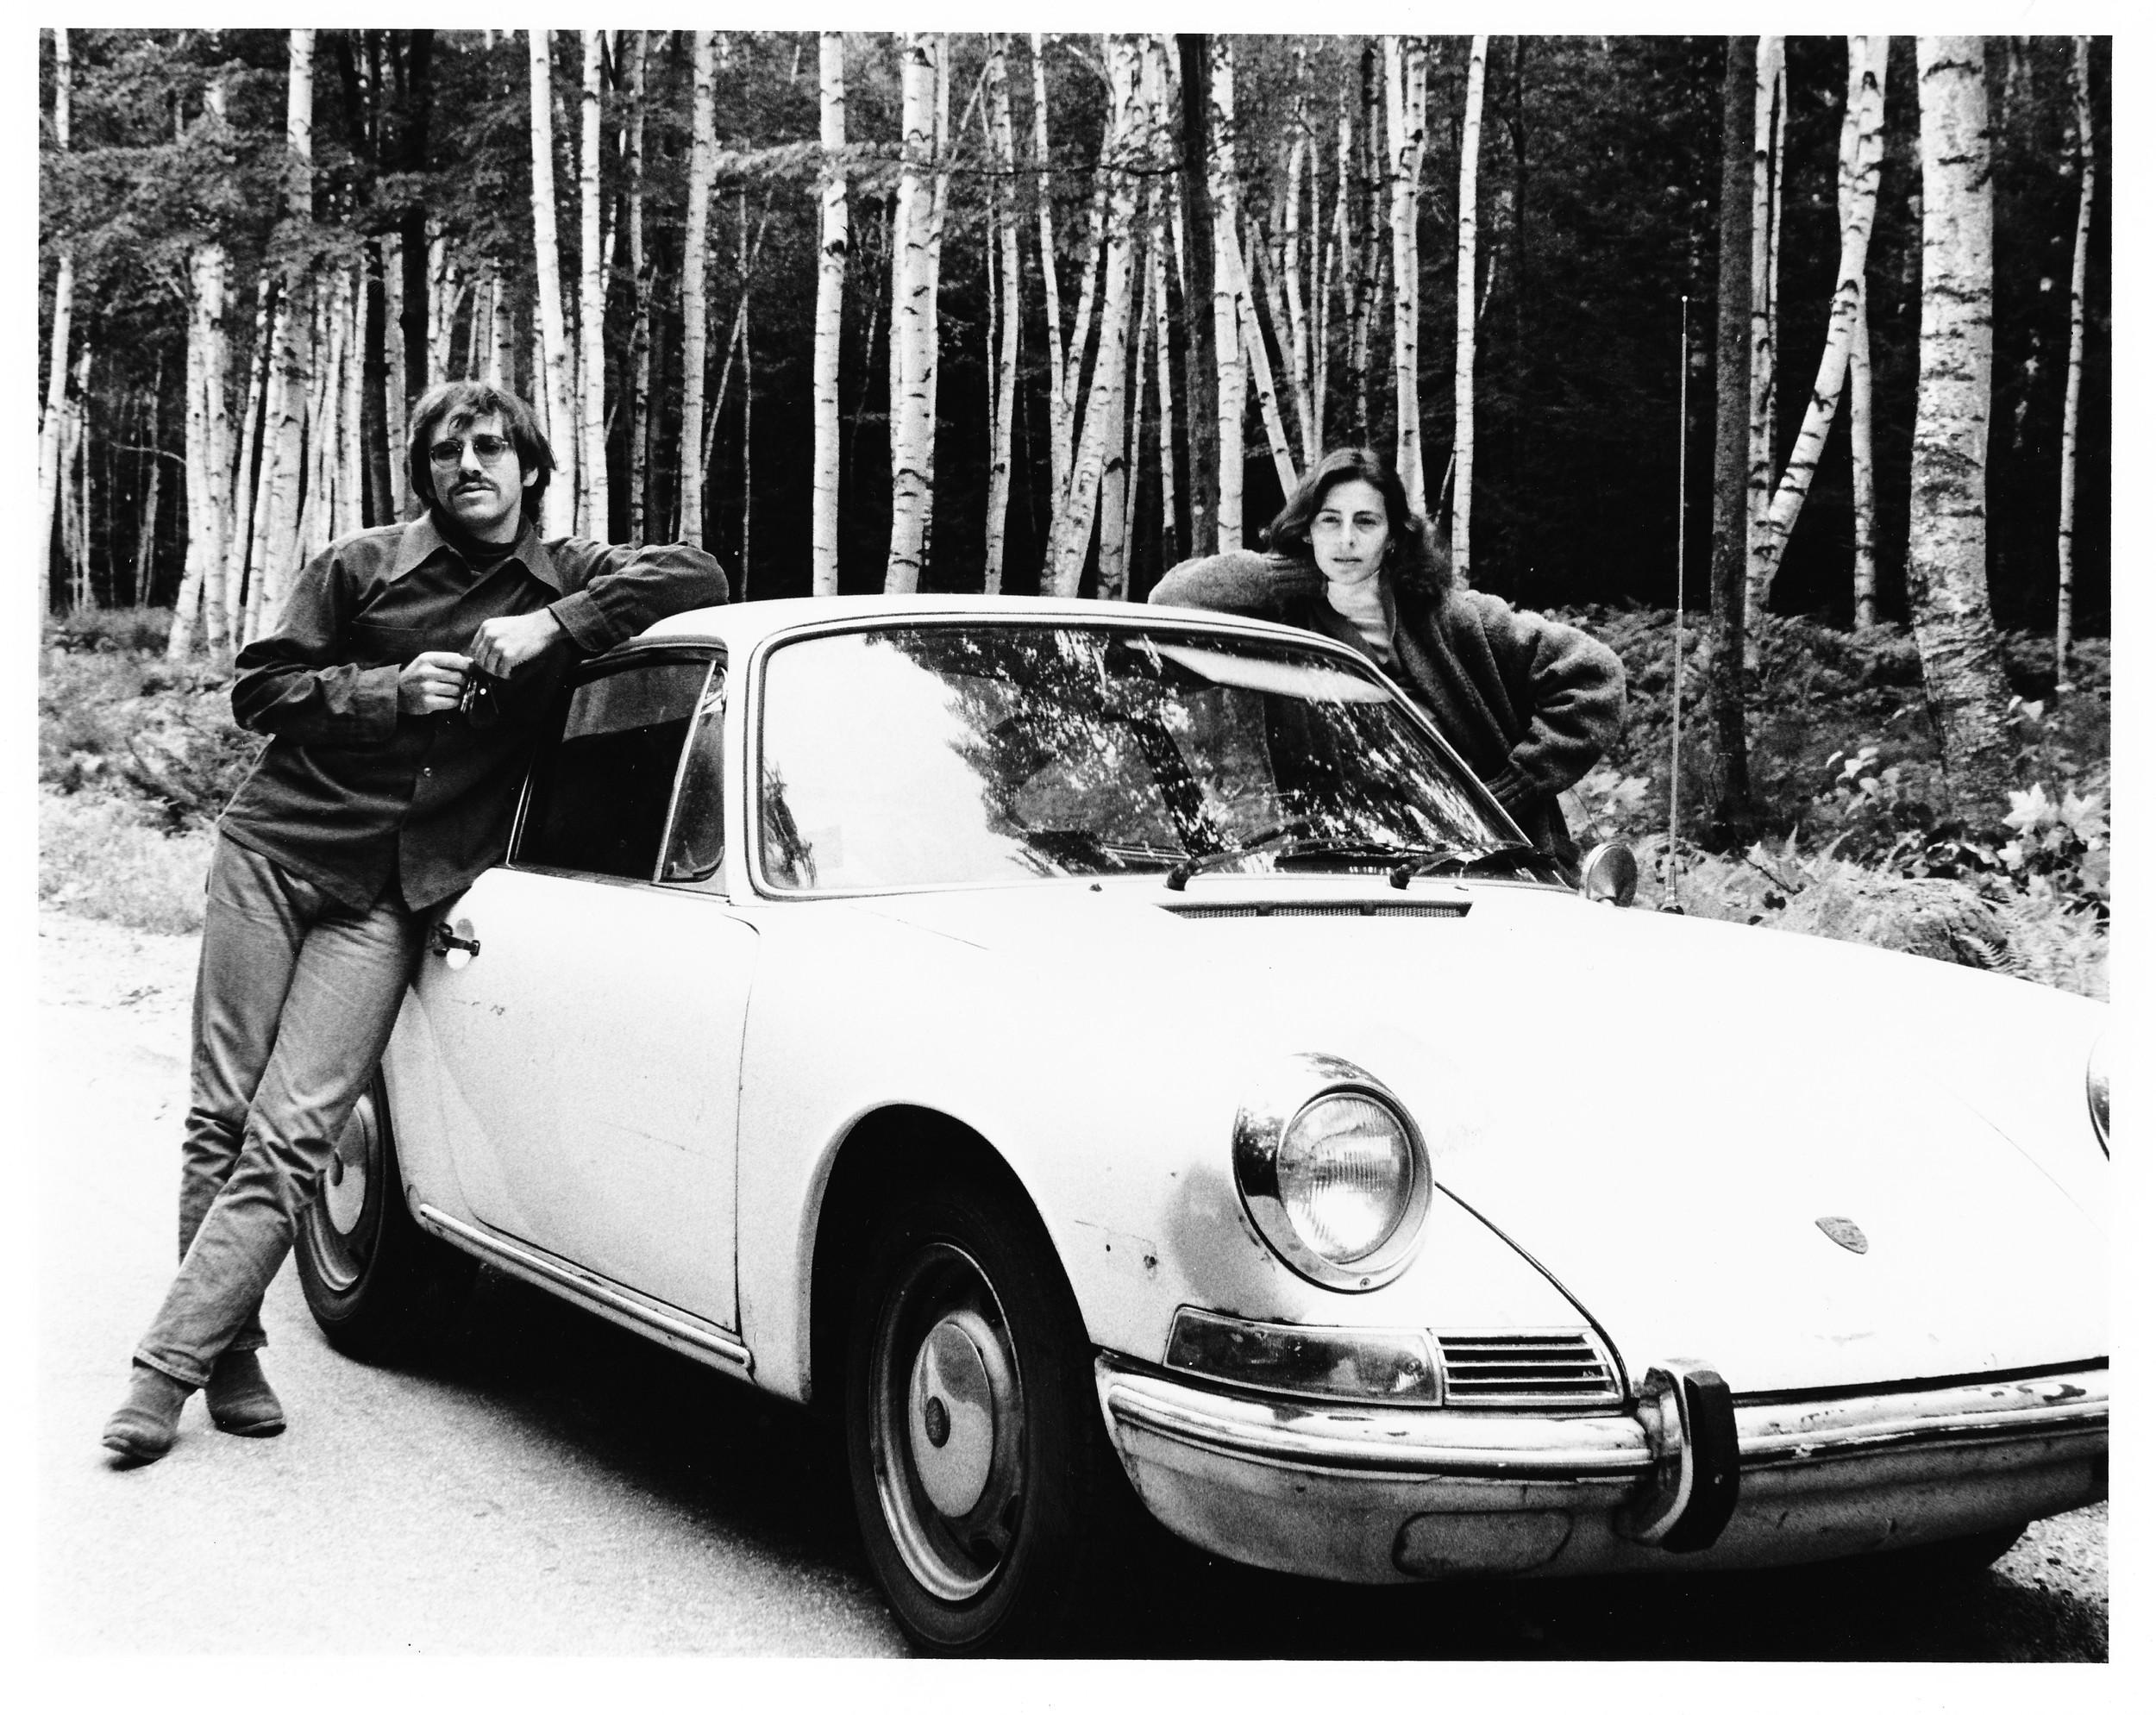 Daring and Stahl 1979 w. Porsche photo by Fred Burnham.jpg